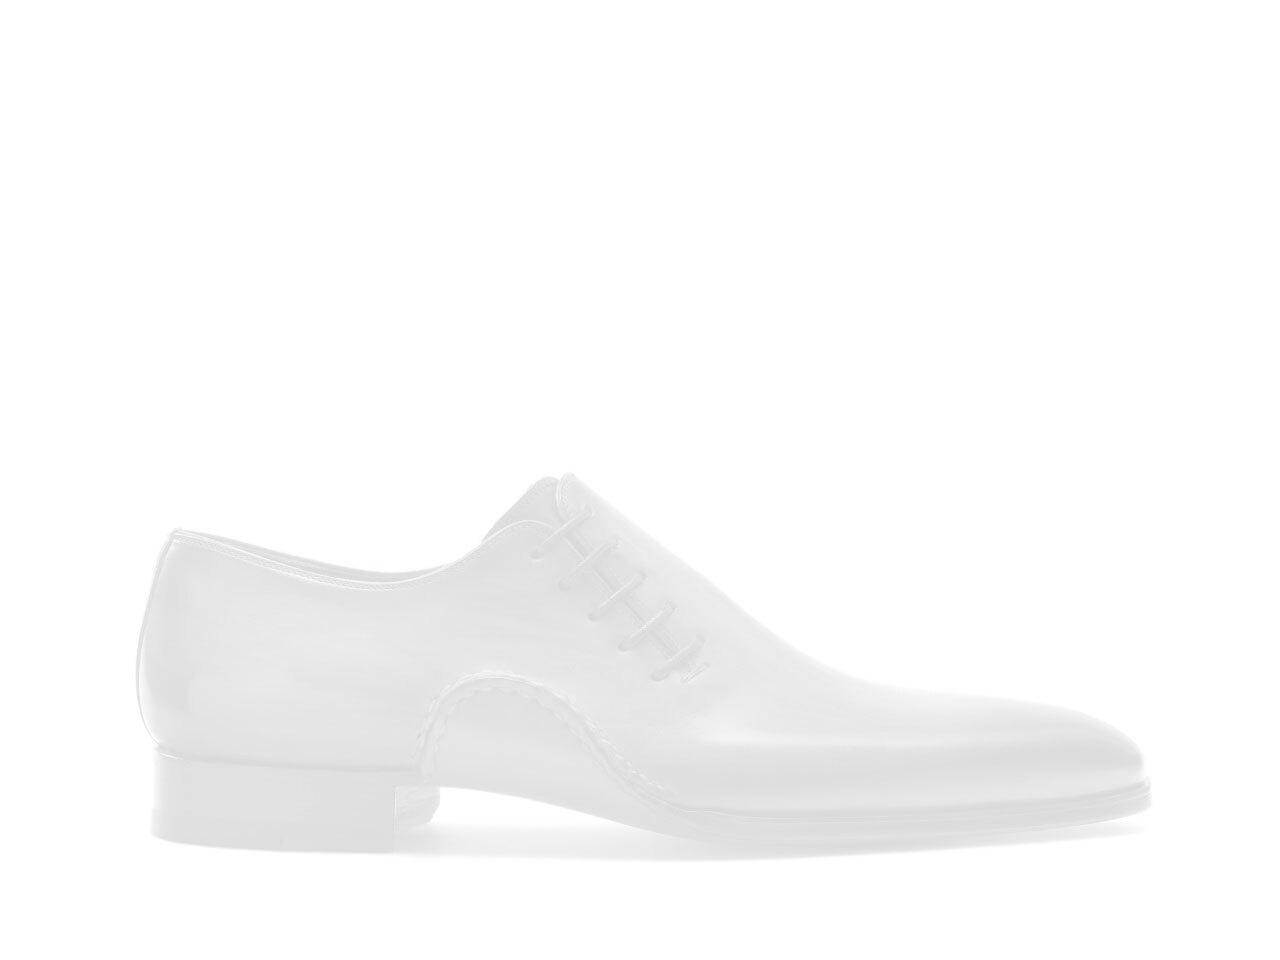 Pair of the Magnanni Selaya Grey Men's Sneakers